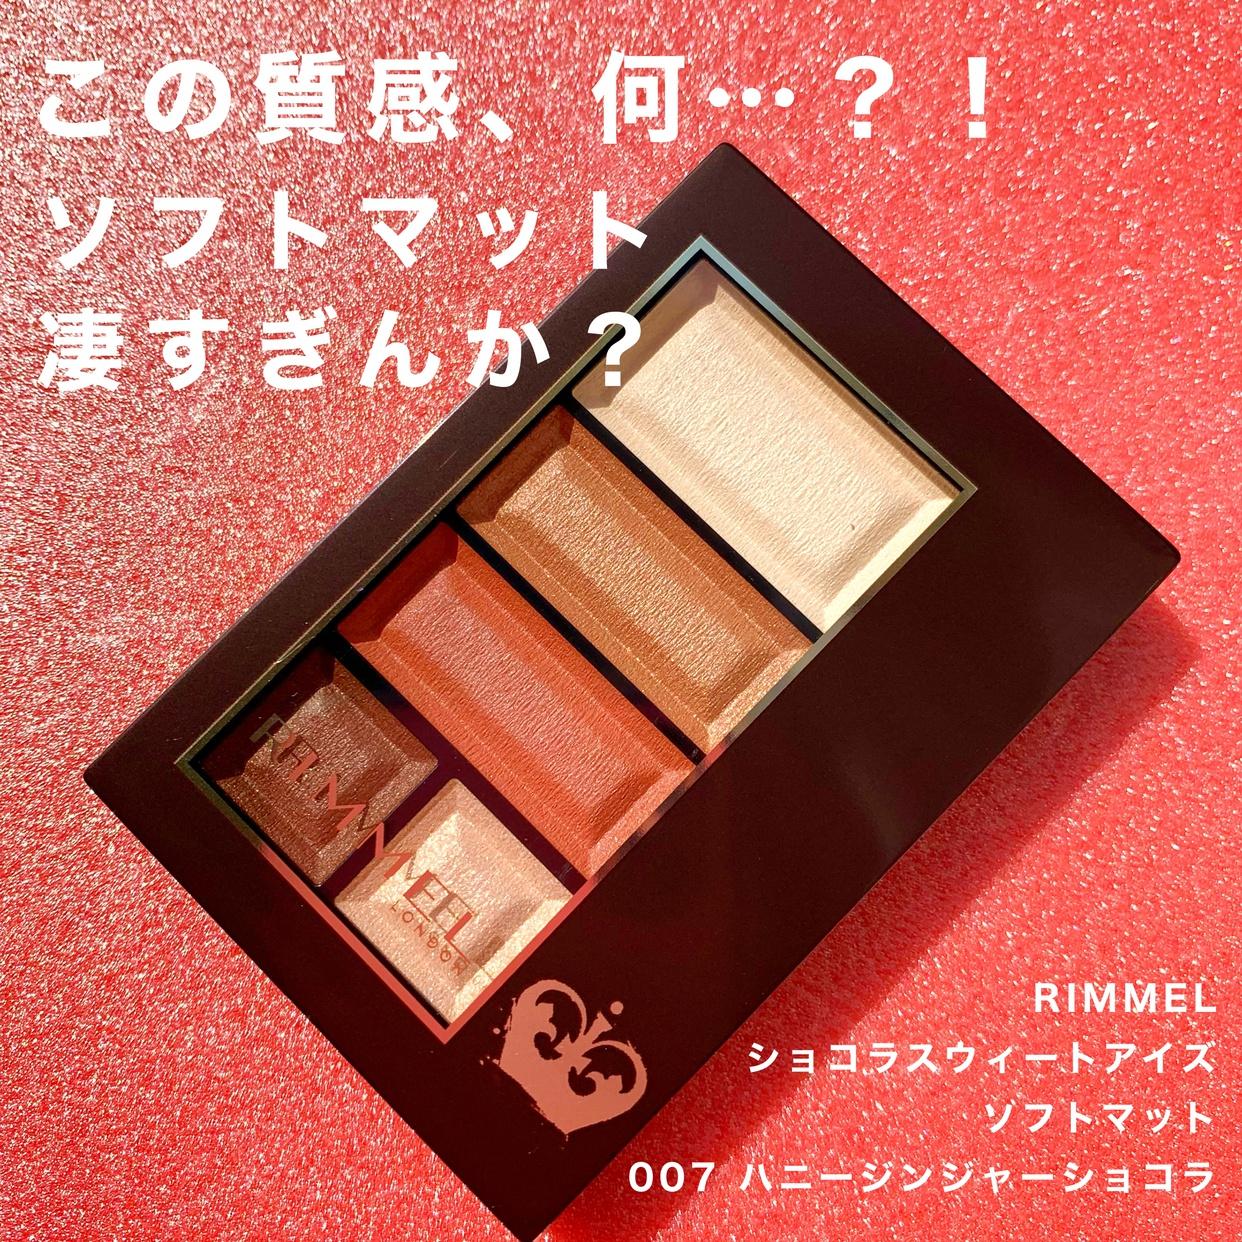 RIMMEL(リンメル)ショコラスウィートアイズ ソフトマットを使ったKeiさんのクチコミ画像